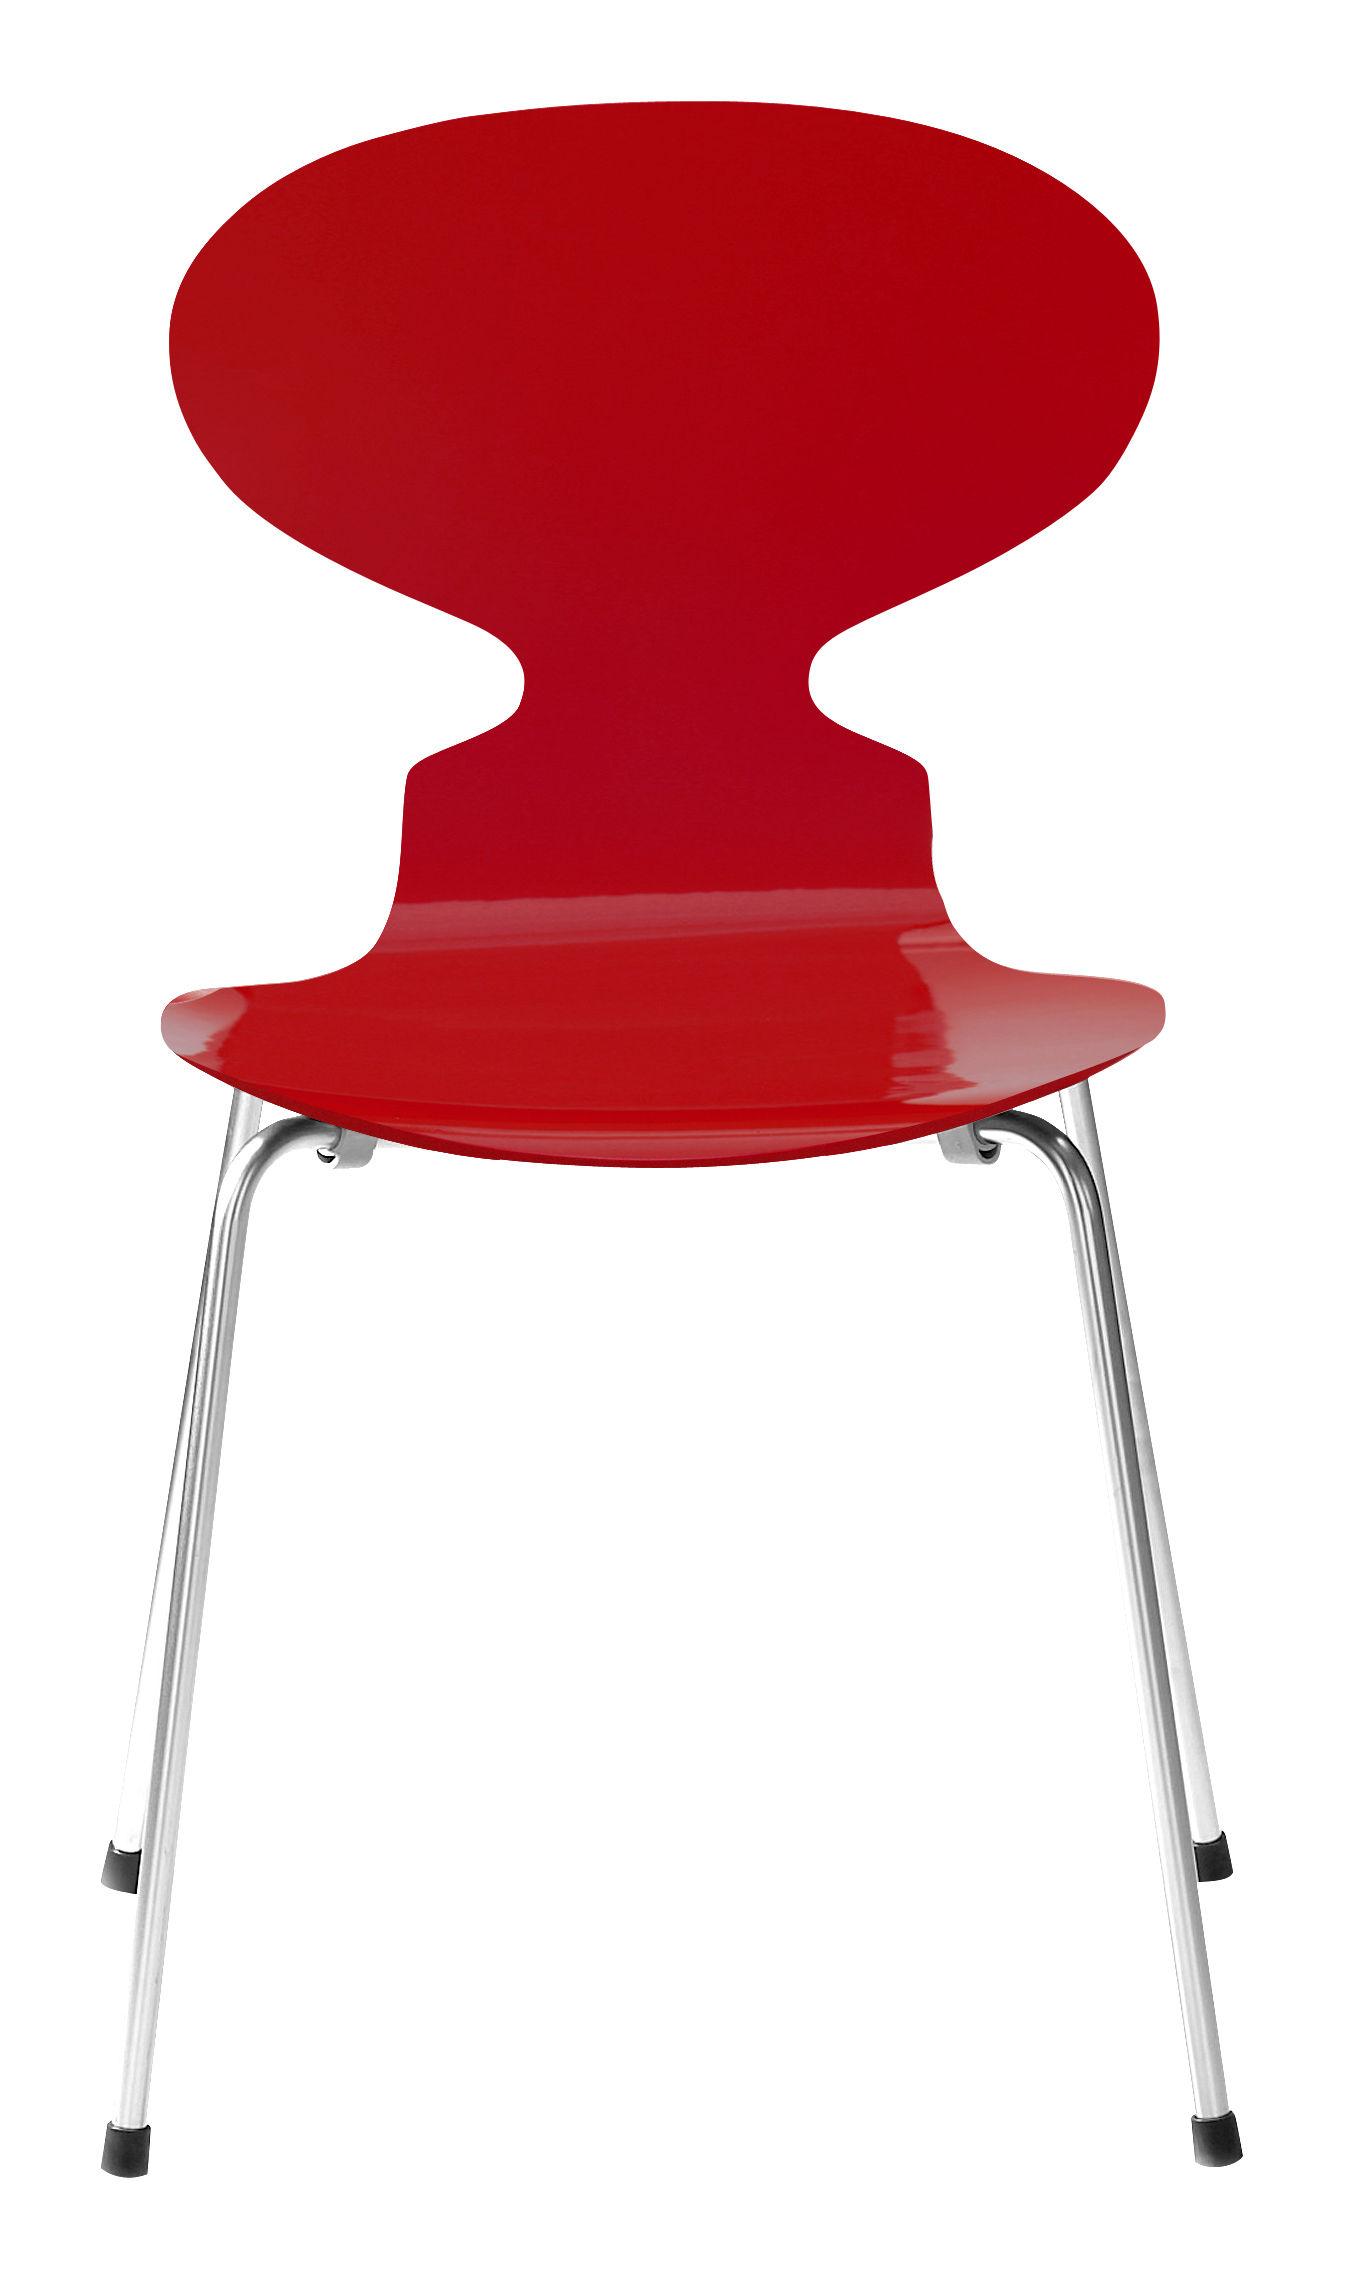 Chaise empilable fourmi bois laqu laqu rouge fritz for Chaise la fourmi